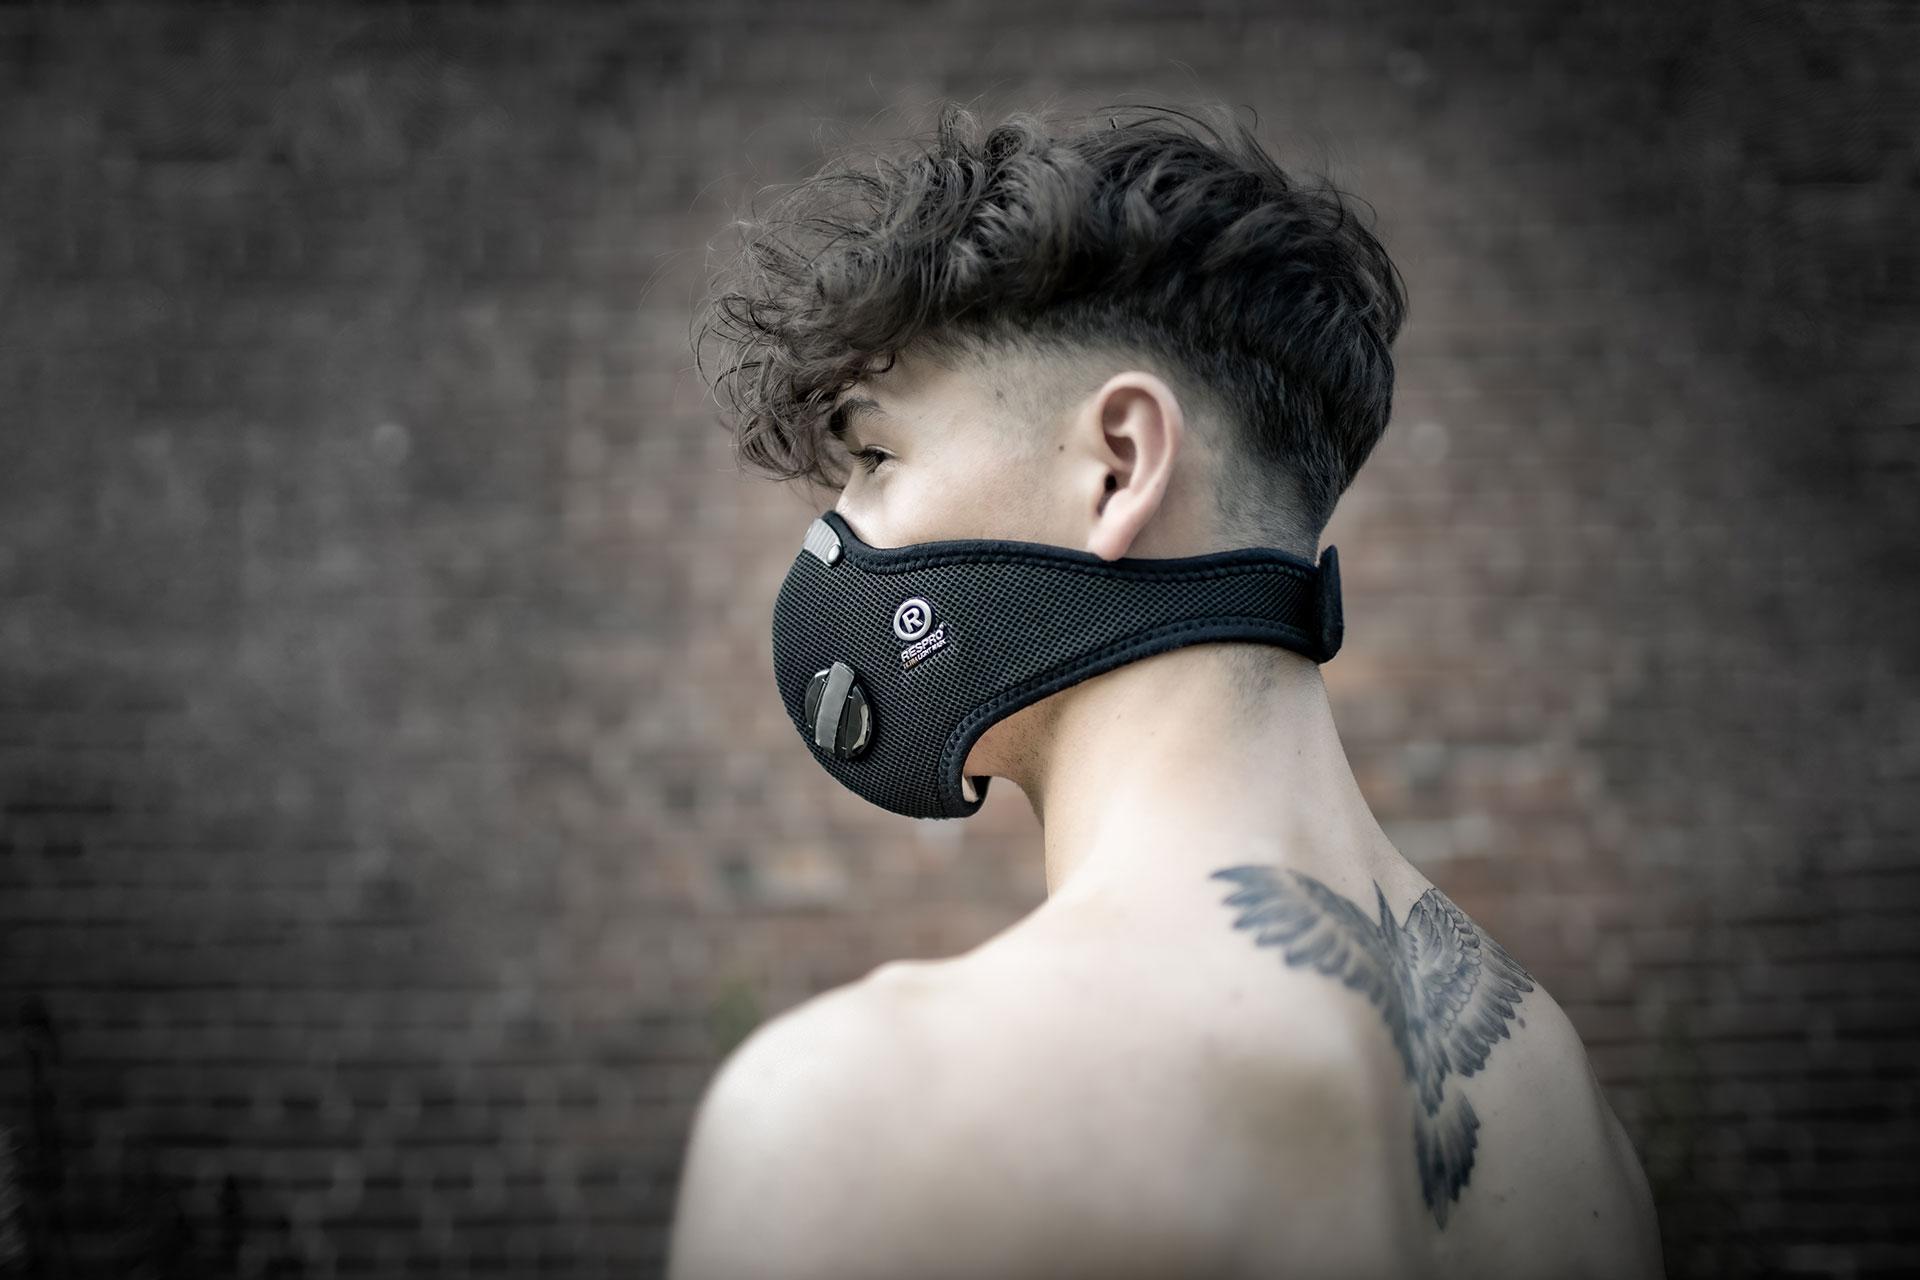 Ben mit Respro-Maske